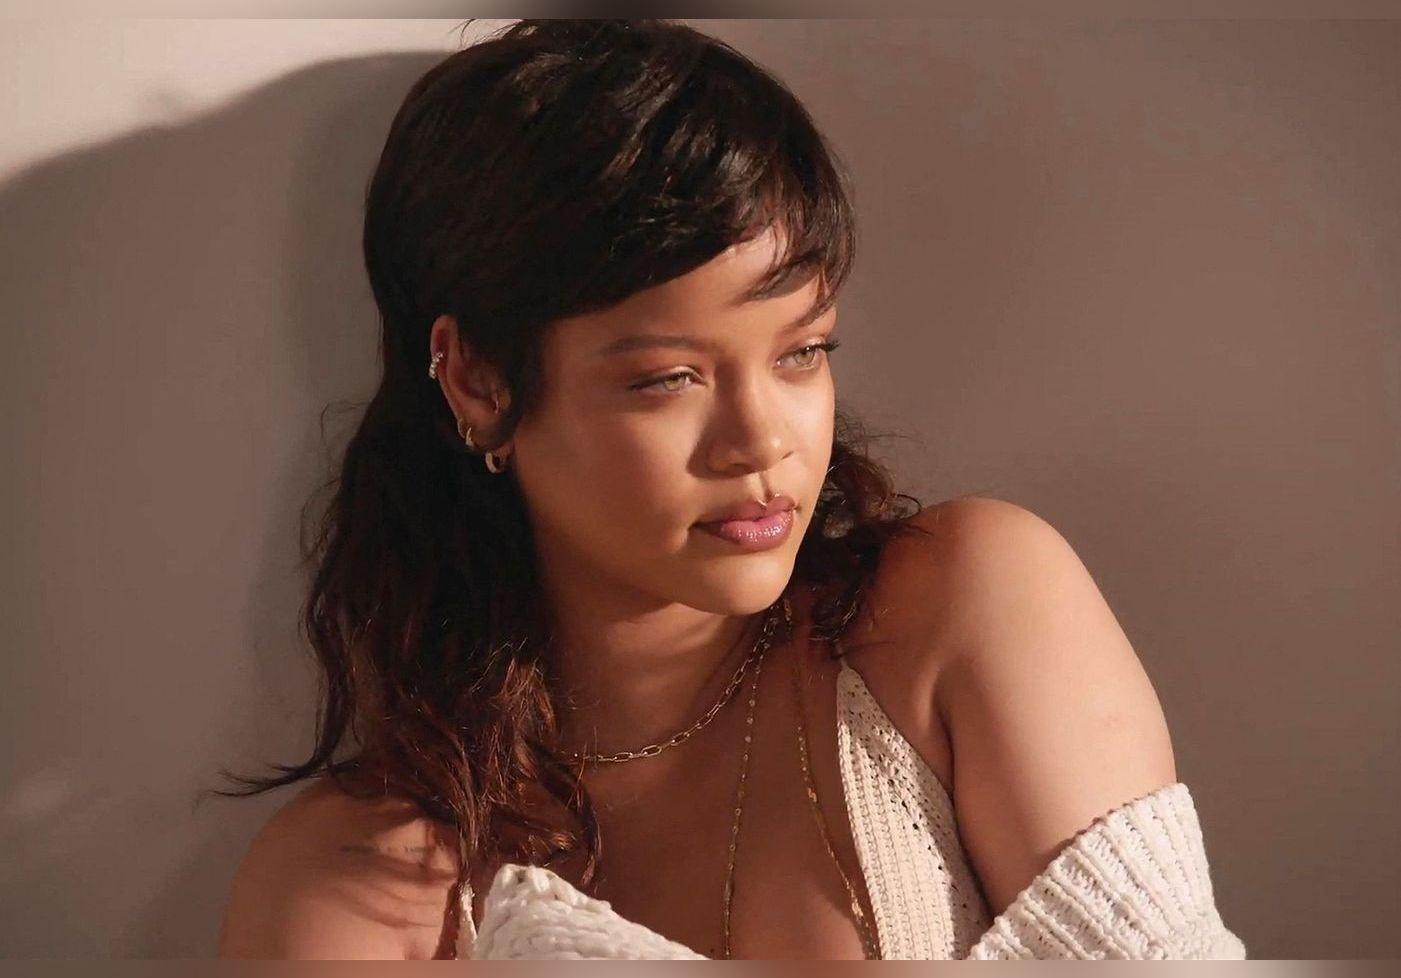 Les 10 marques beauté de stars les plus rentables de l'histoire (Rihanna a gagné 480 millions d'euros avec Fenty Beauty)